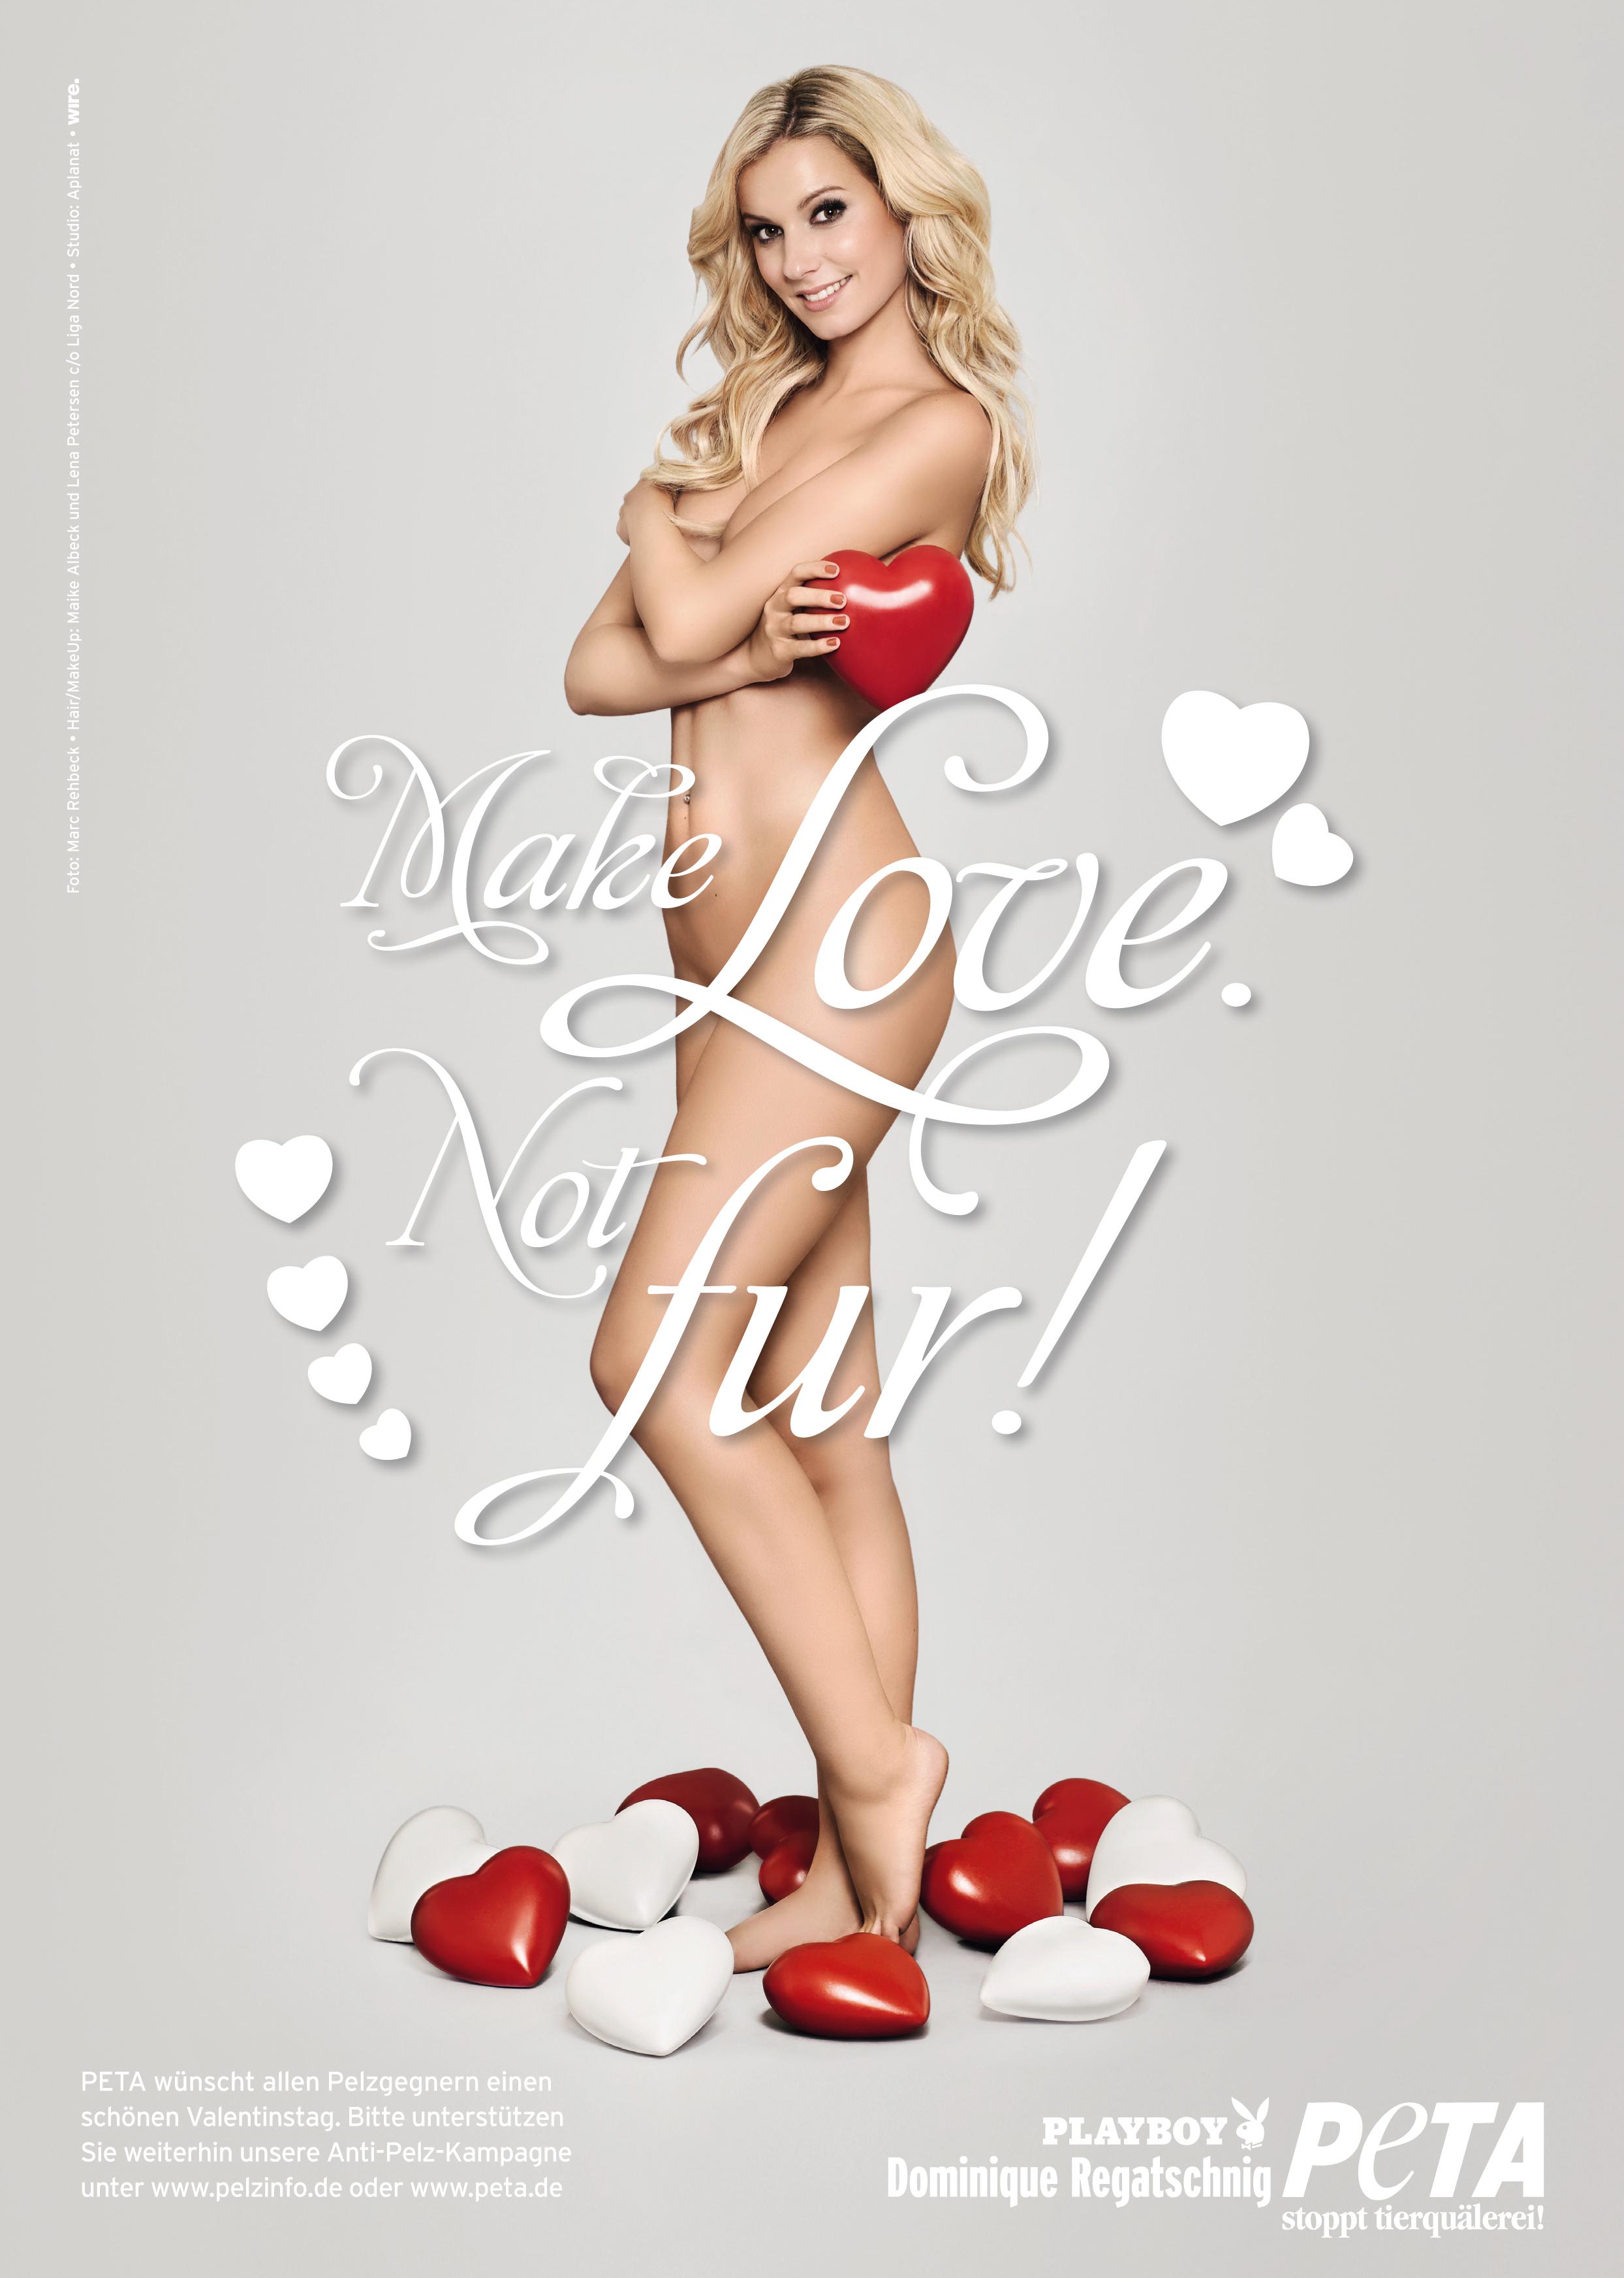 Aluna francis,Valentina georgia pegorer topless Porno images Veronica mars,Luna leung